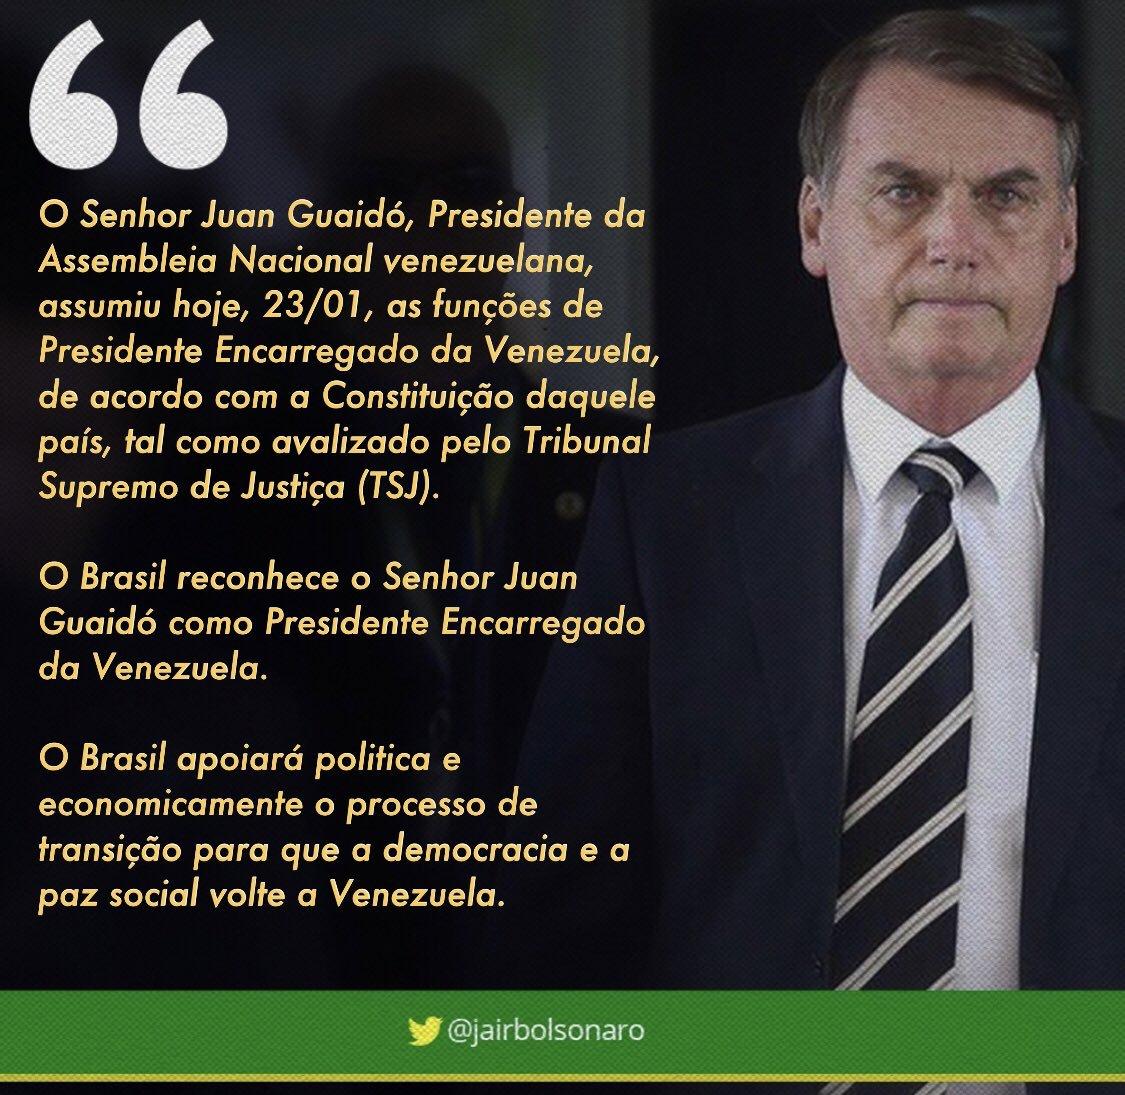 #1 - Situation in Venezuela Dxnlqp3XgAERjar